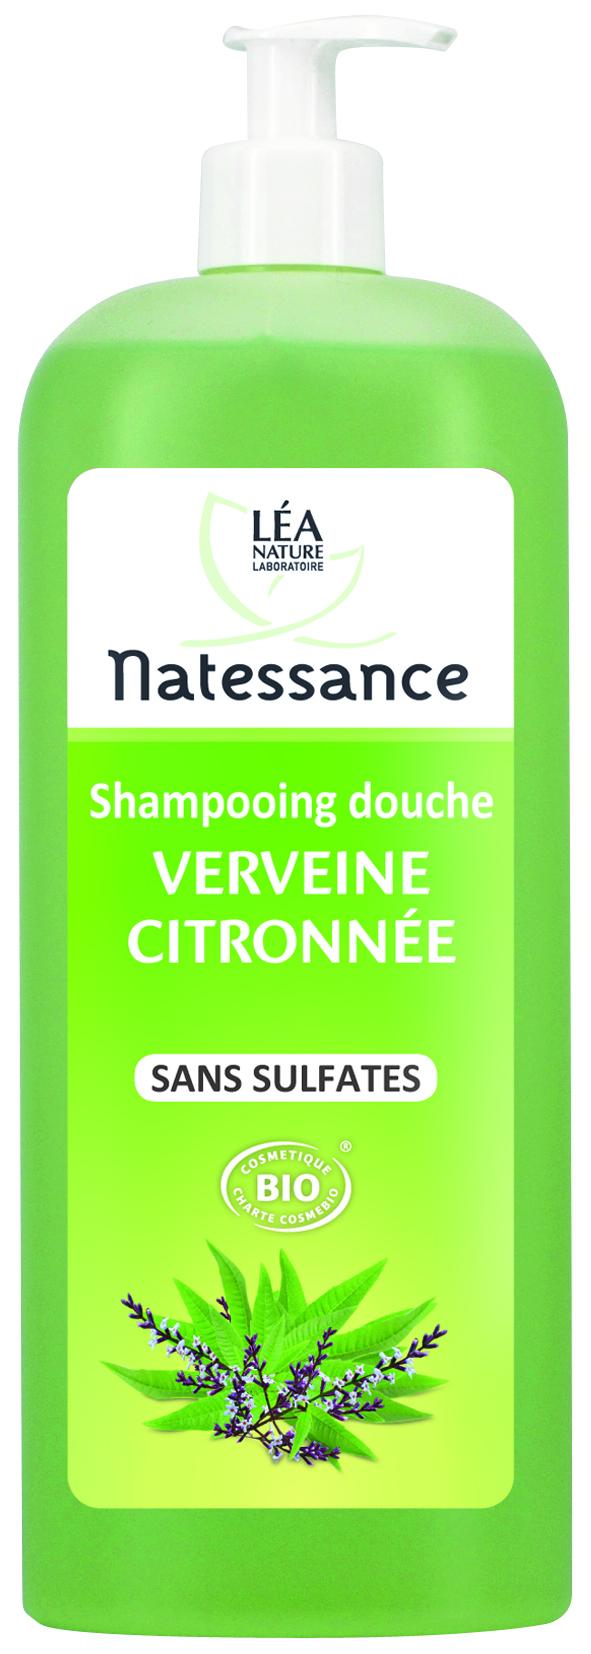 natessance shampoing douche verveine citronn e 1 litre boutique bio. Black Bedroom Furniture Sets. Home Design Ideas